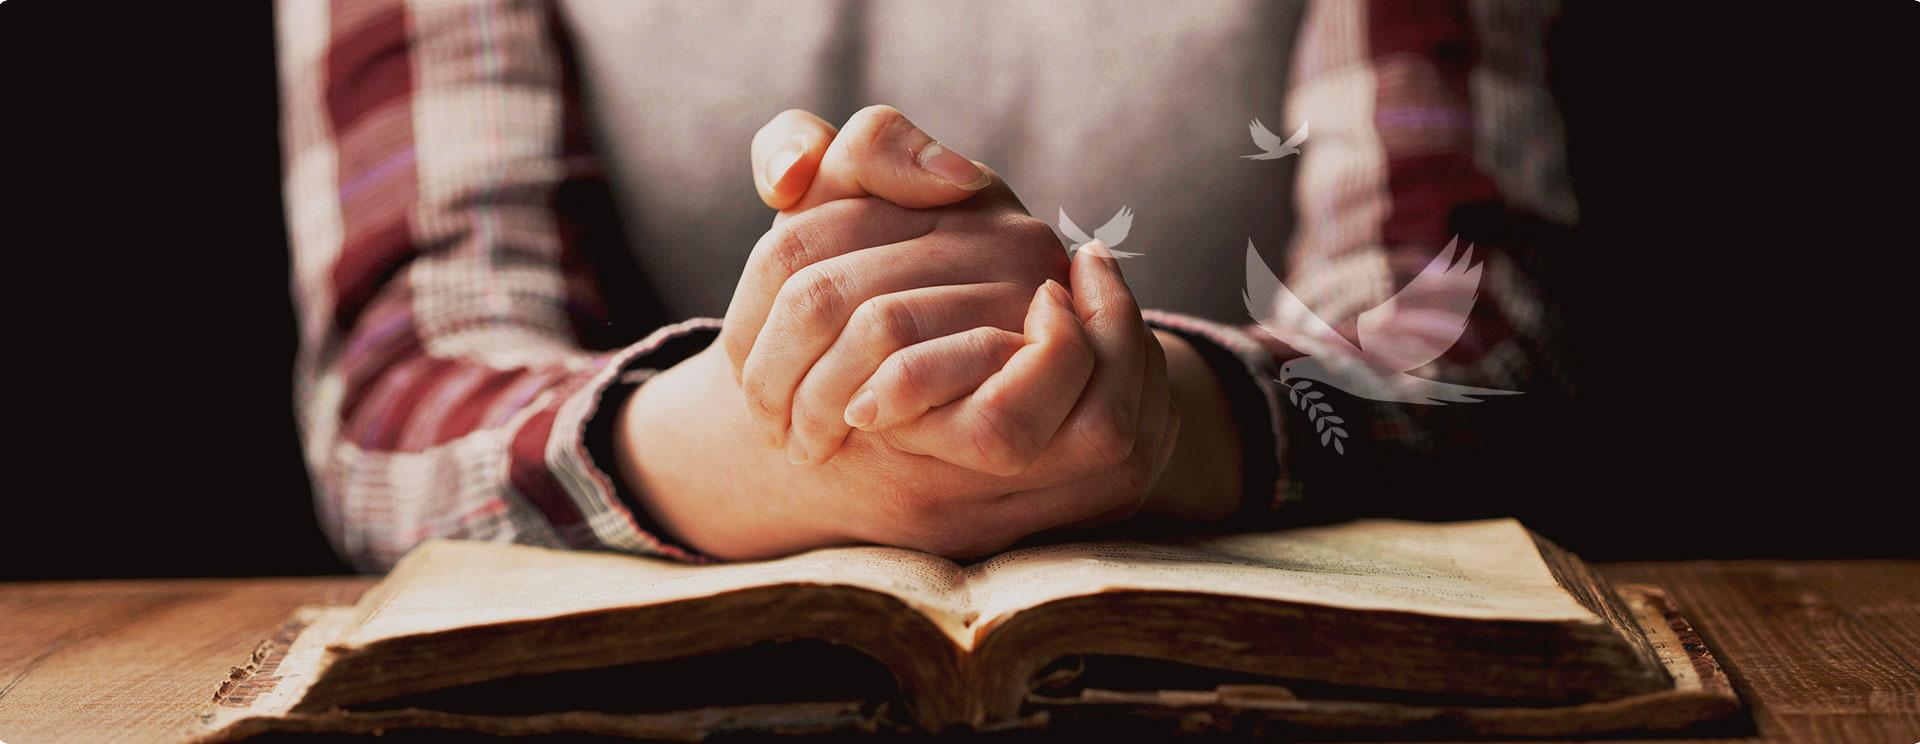 Preghiera e Meditazione - Isituto Sales